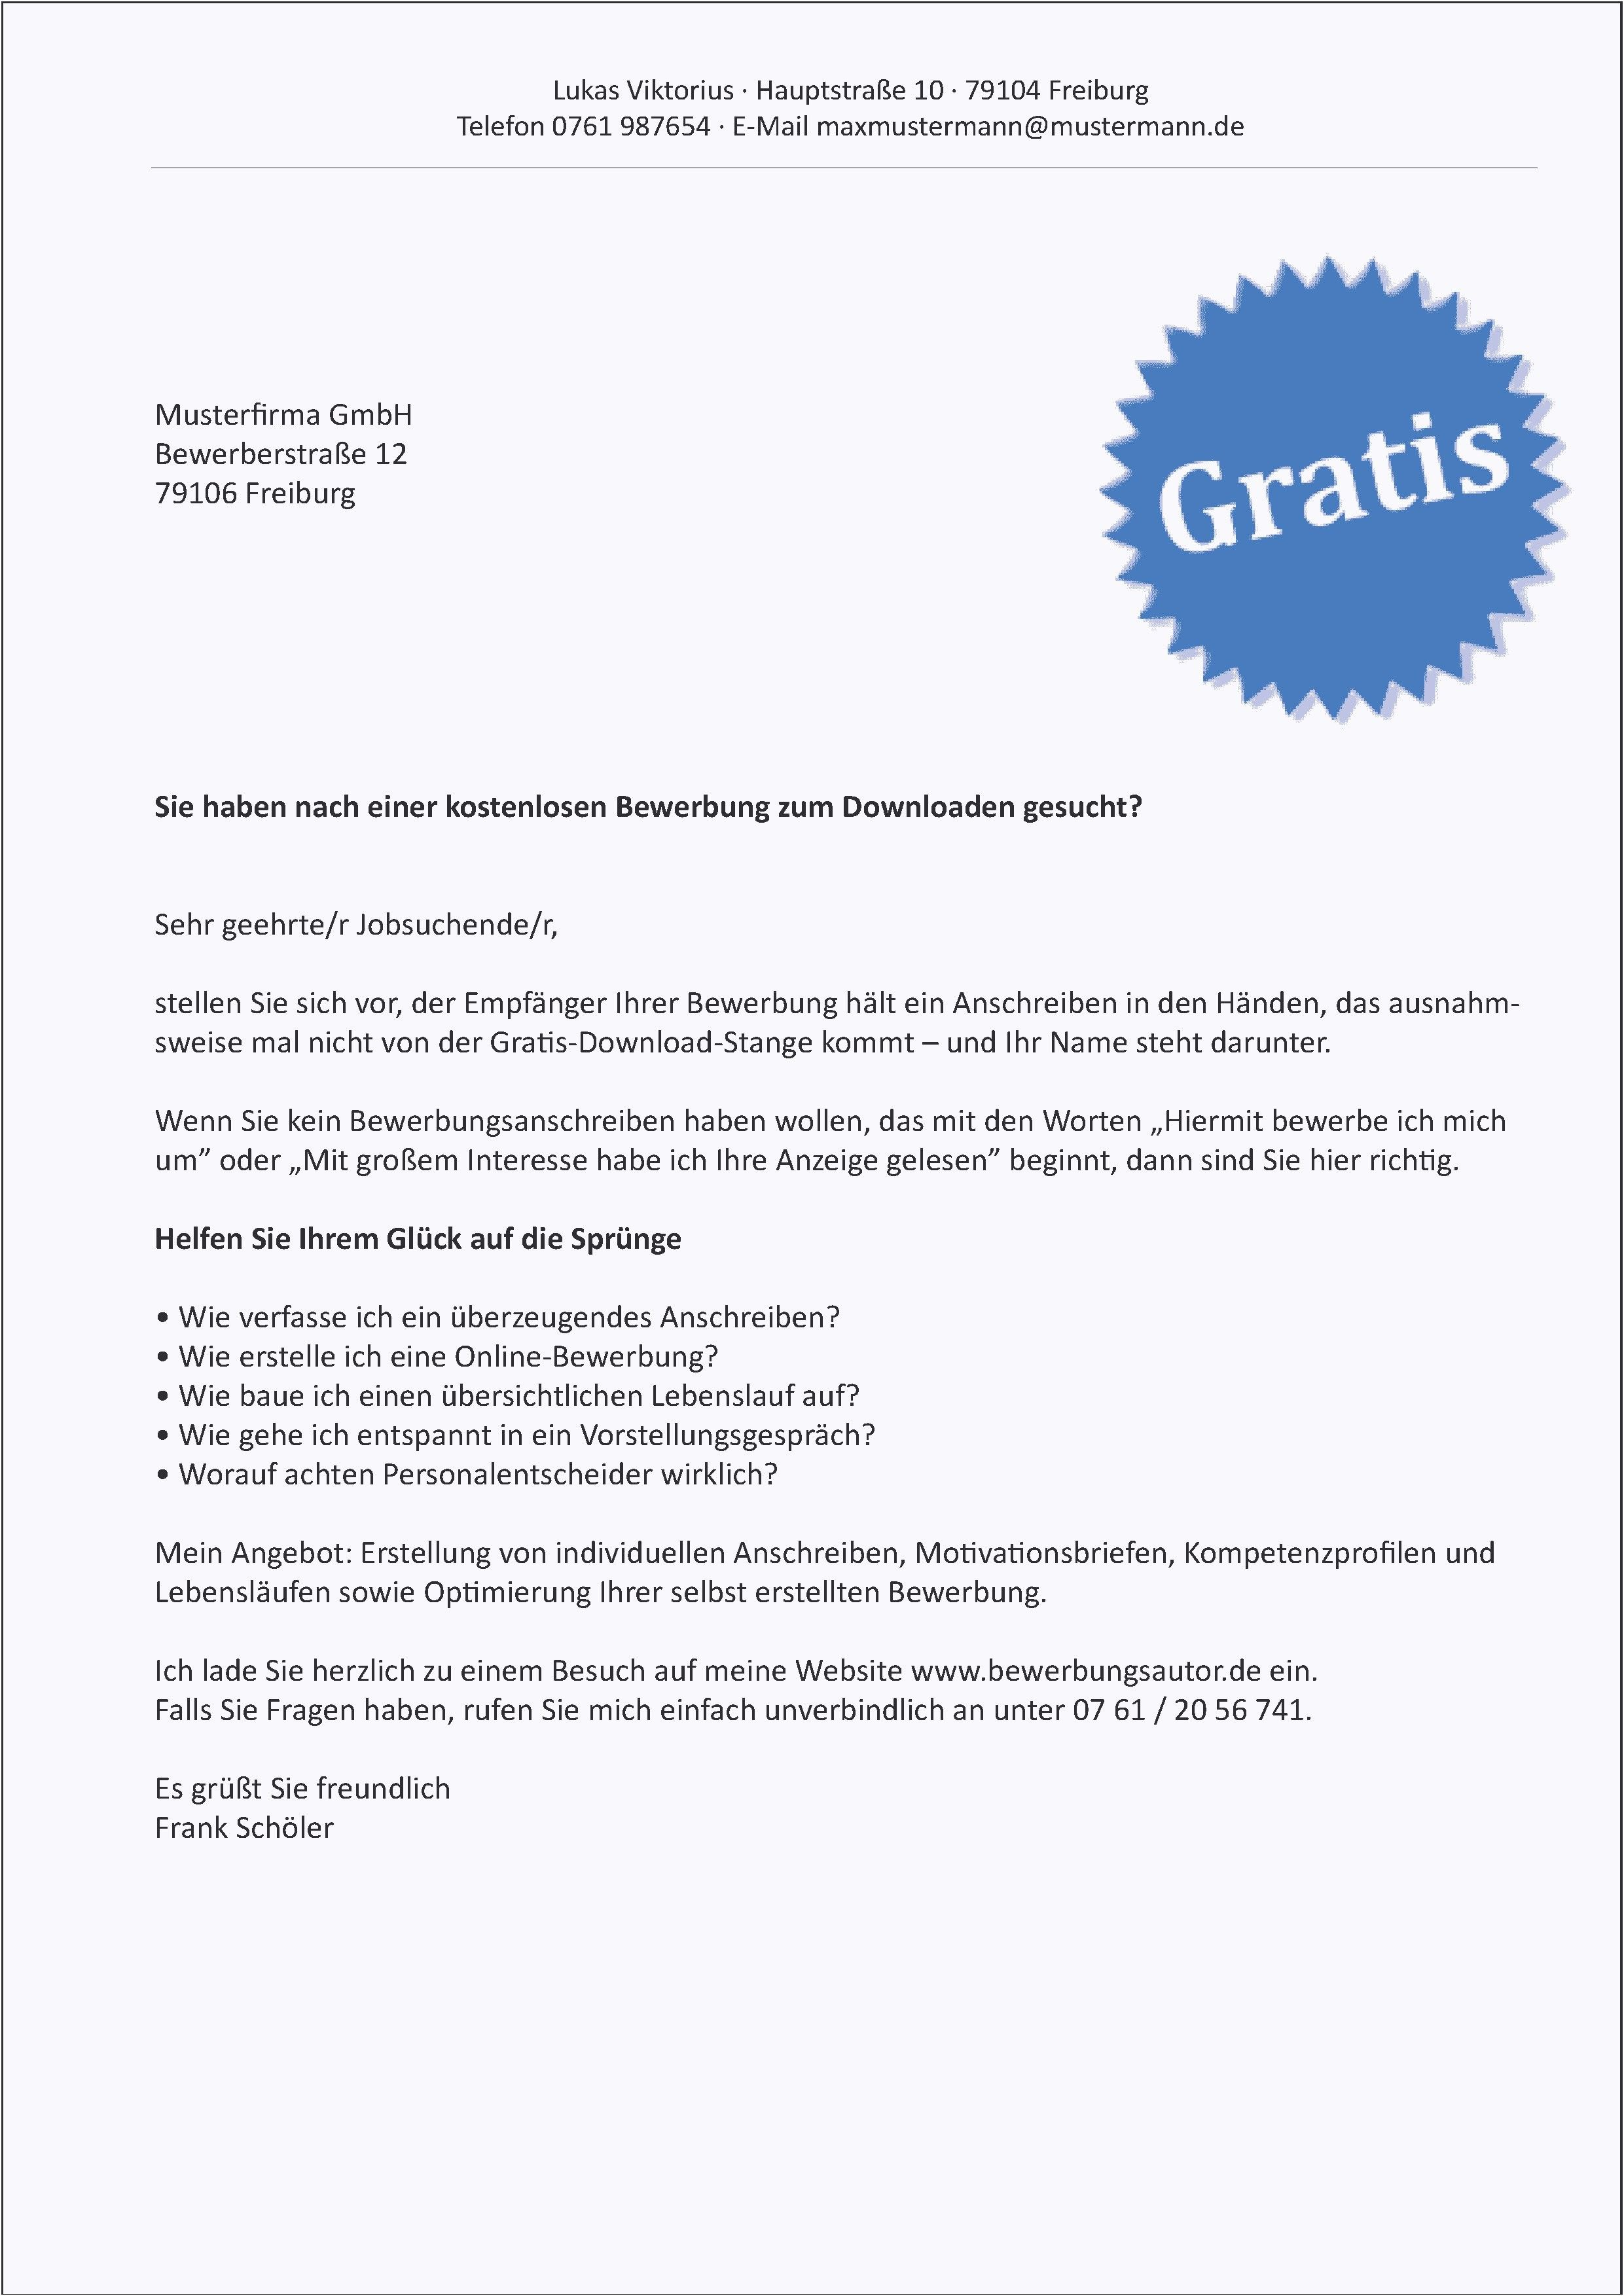 Neu Motivationsschreiben Verfassungsschutz Briefprobe Briefformat Briefvorlage Deckblatt Bewerbung Bewerbung Schreiben Bewerbung Anschreiben Muster